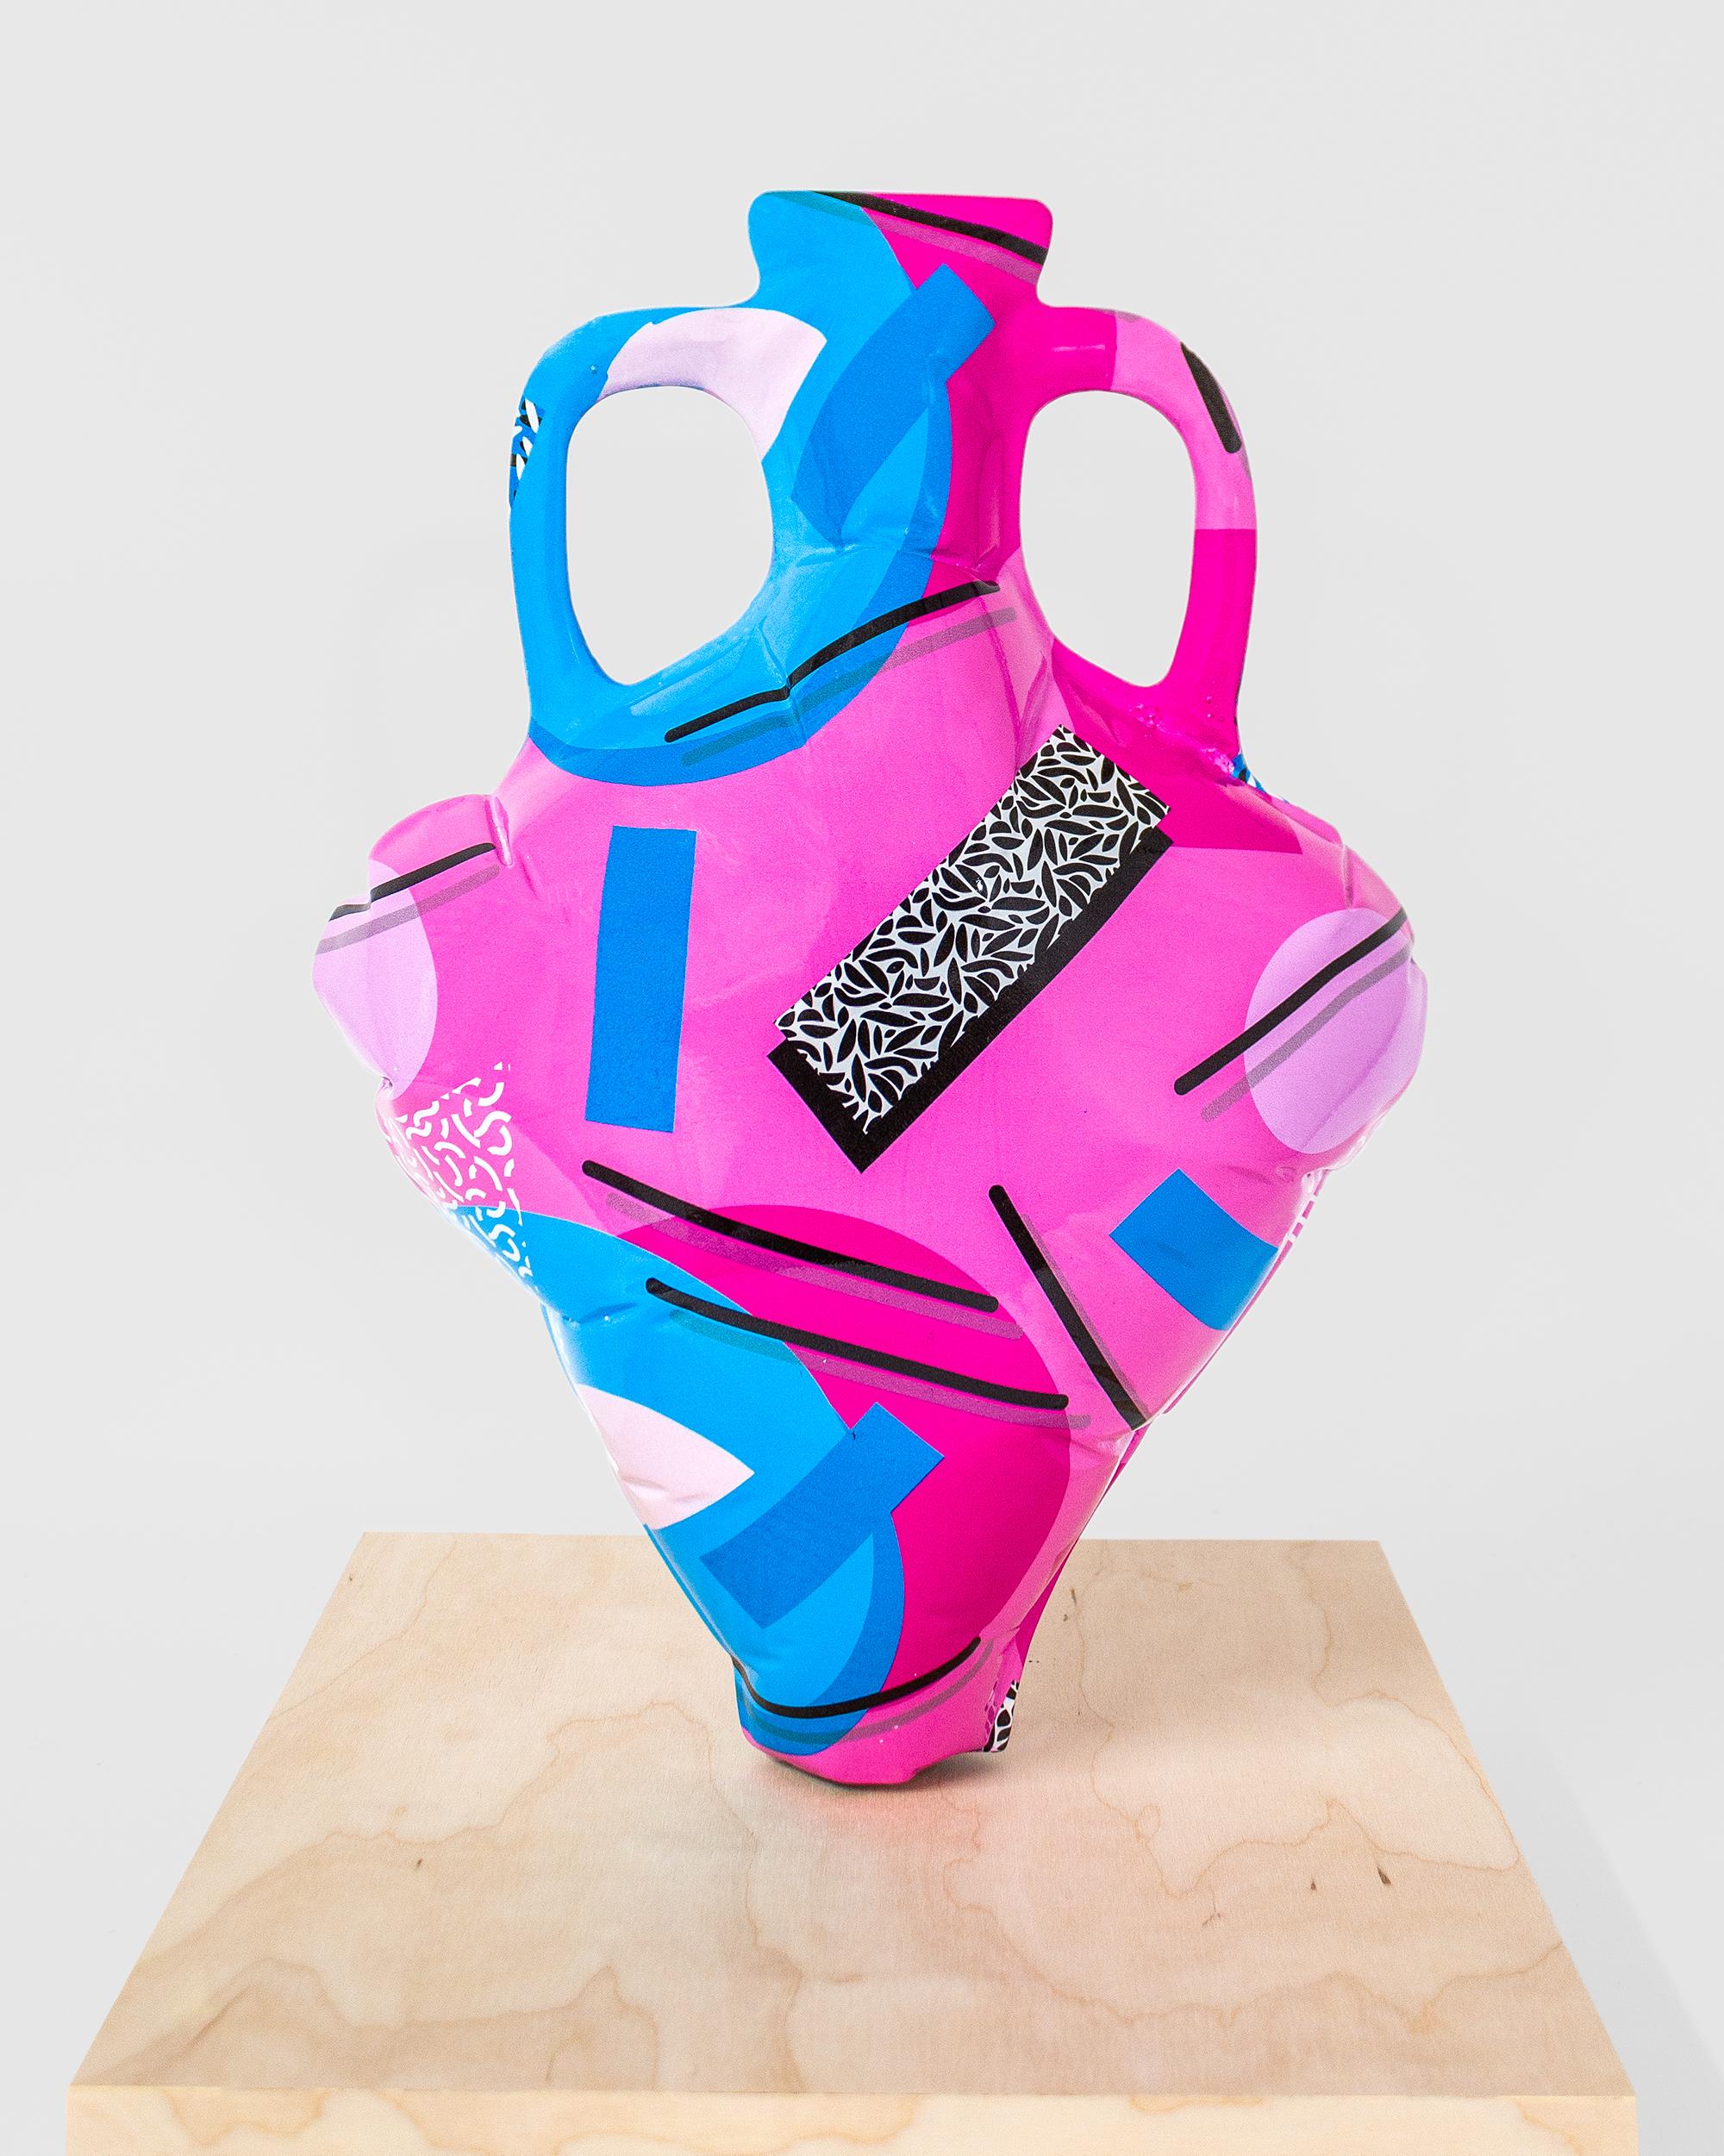 AdamParkerSmith_Sculpture7_Side5.jpg